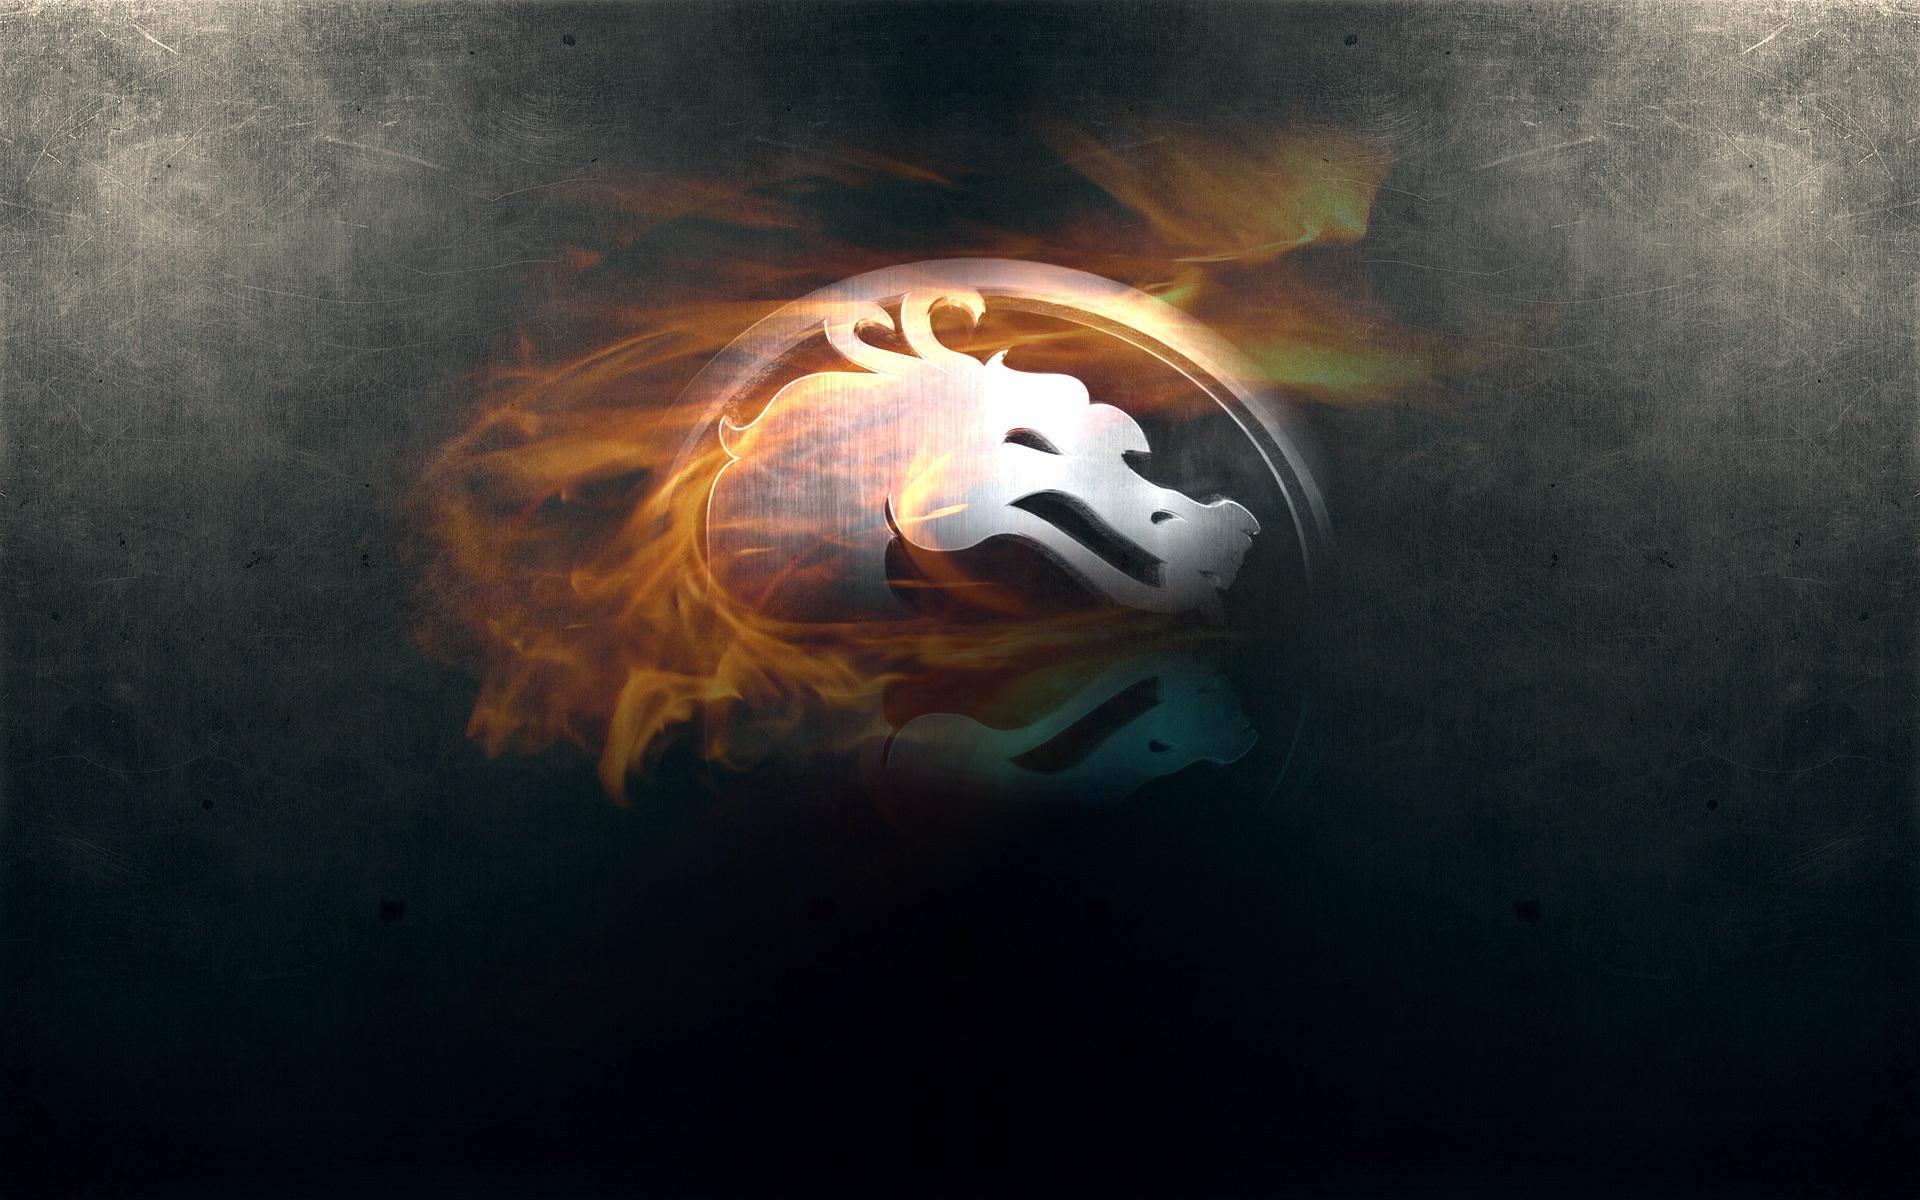 Téléchargez des papiers peints mobile Mortal Kombat, Logos, Jeux, Contexte gratuitement.